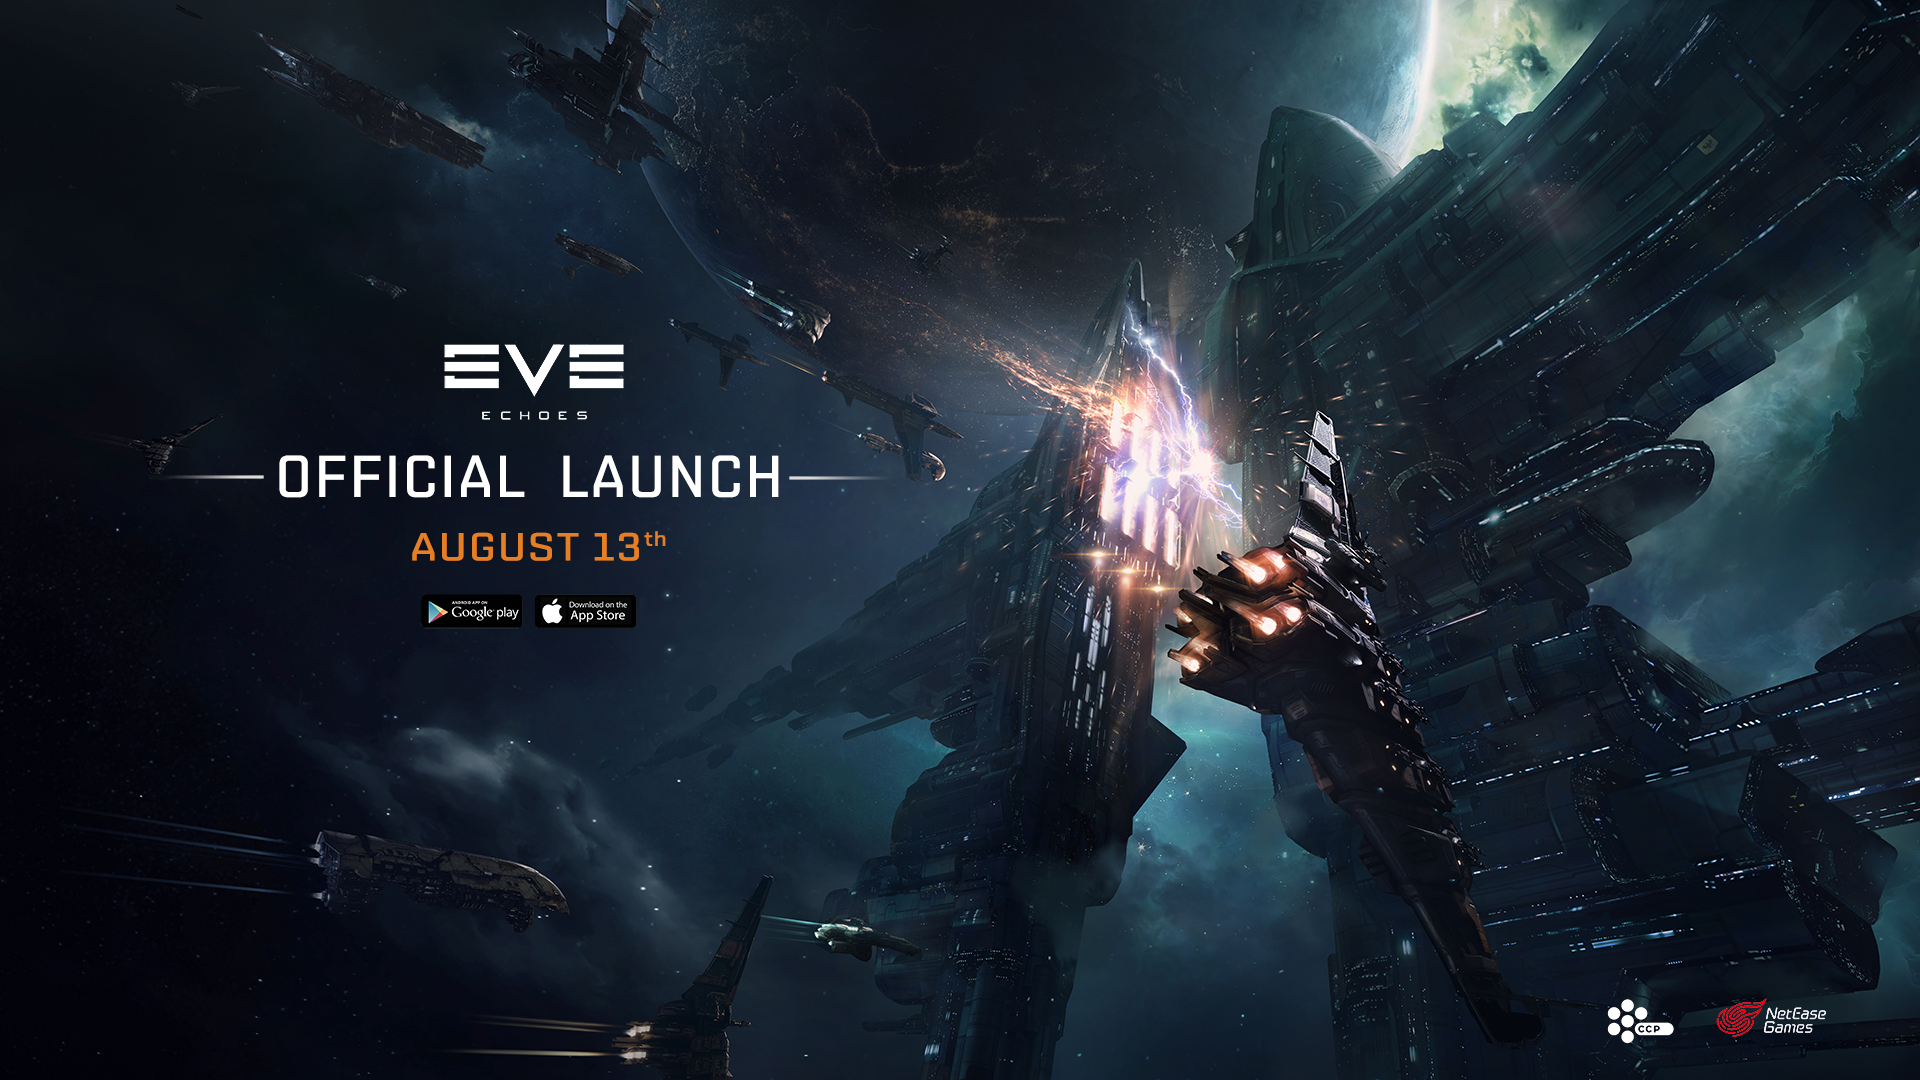 أخيرًا لعبة EVE Echoes قادمة على أندرويد الشهر القادم